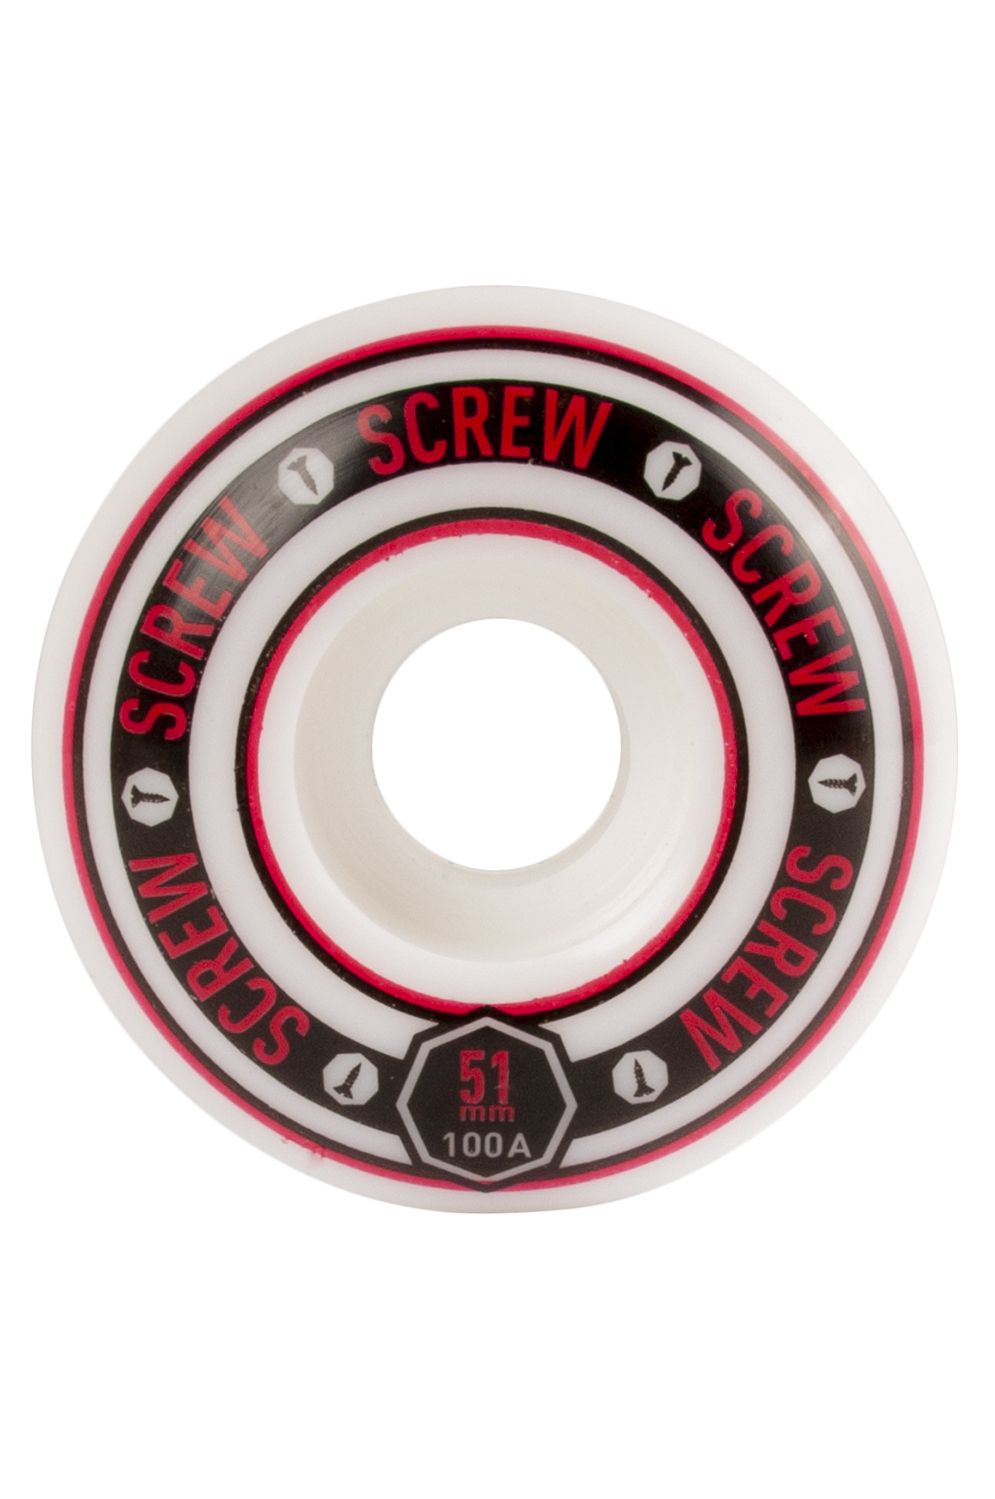 Rodas Screw COLOR LINE #21 51MM Red